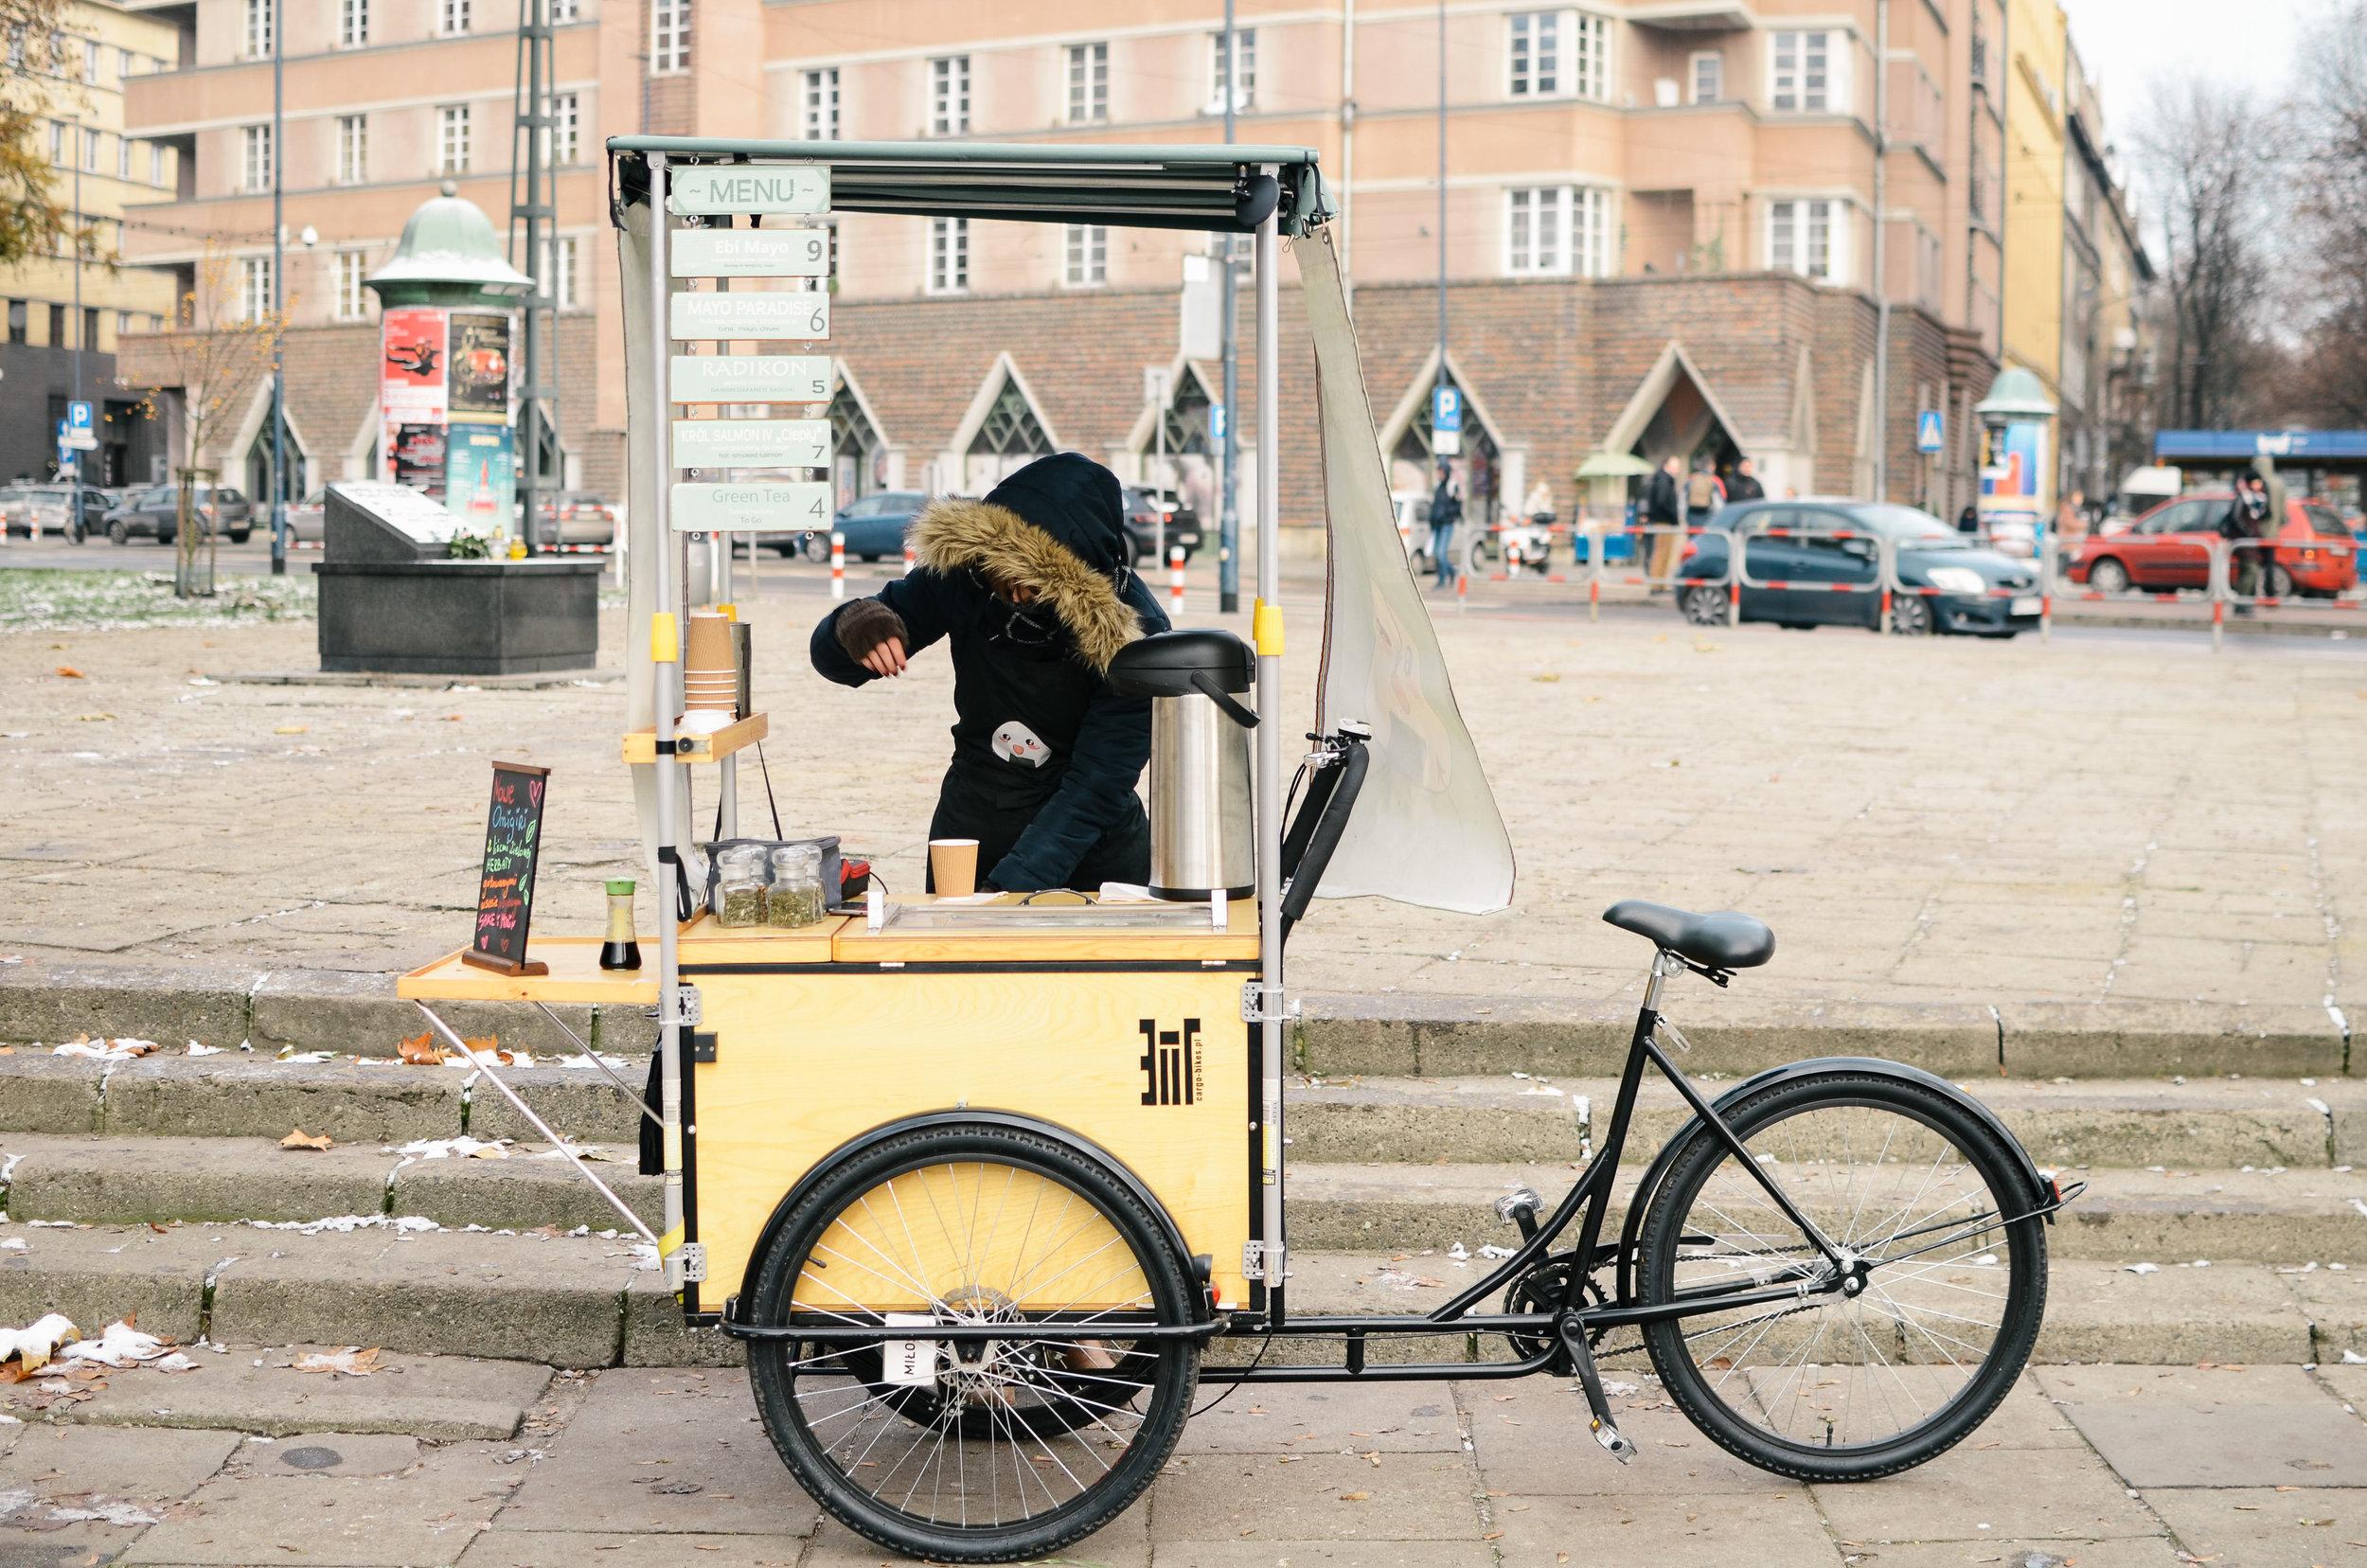 krakow-poland-travel-guide-lifeonpin_DSC_0815.jpg